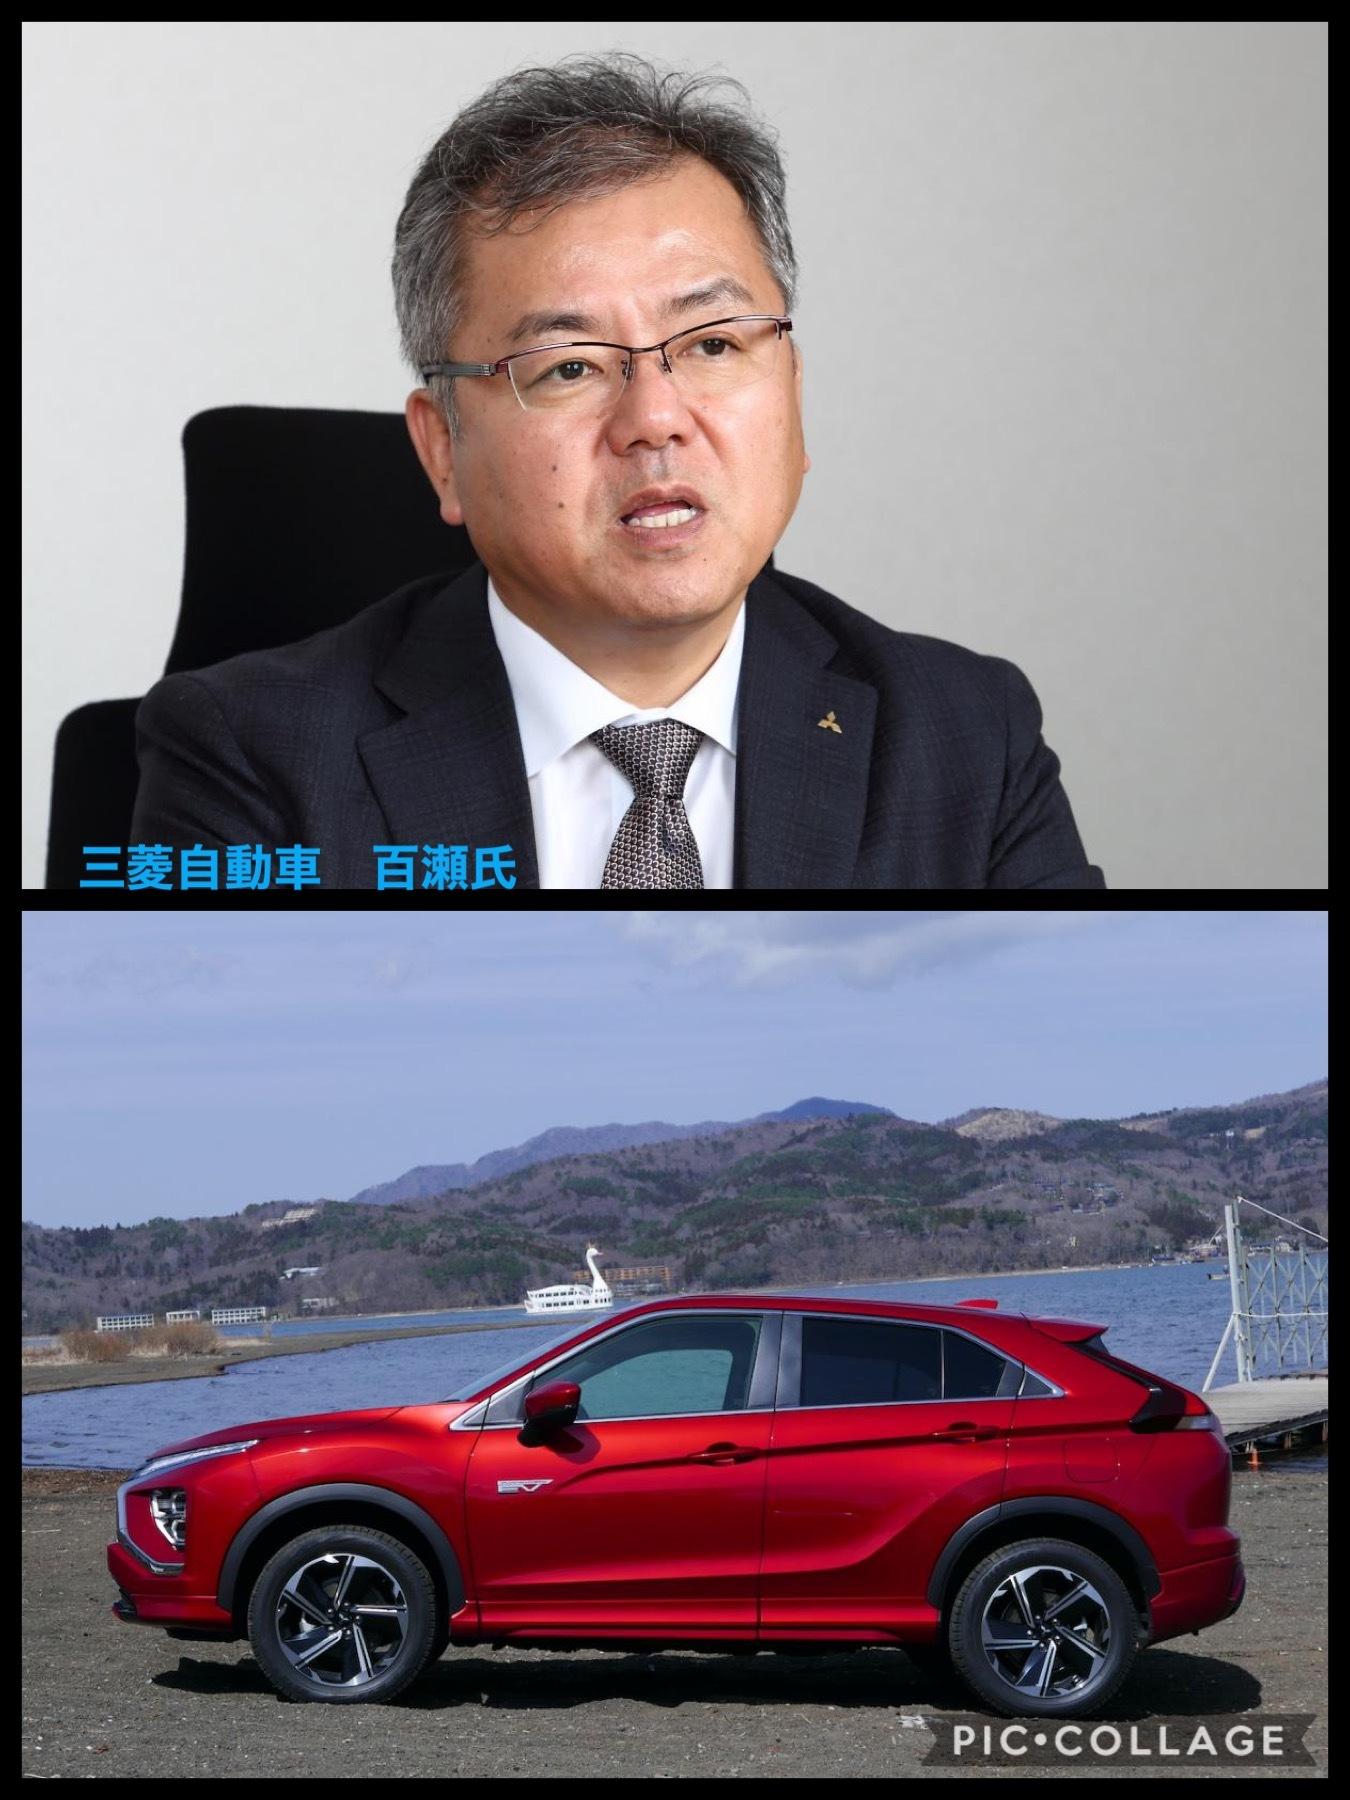 三菱電動技術CTE(チーフテクノロジーエンジニア)百瀬信夫氏